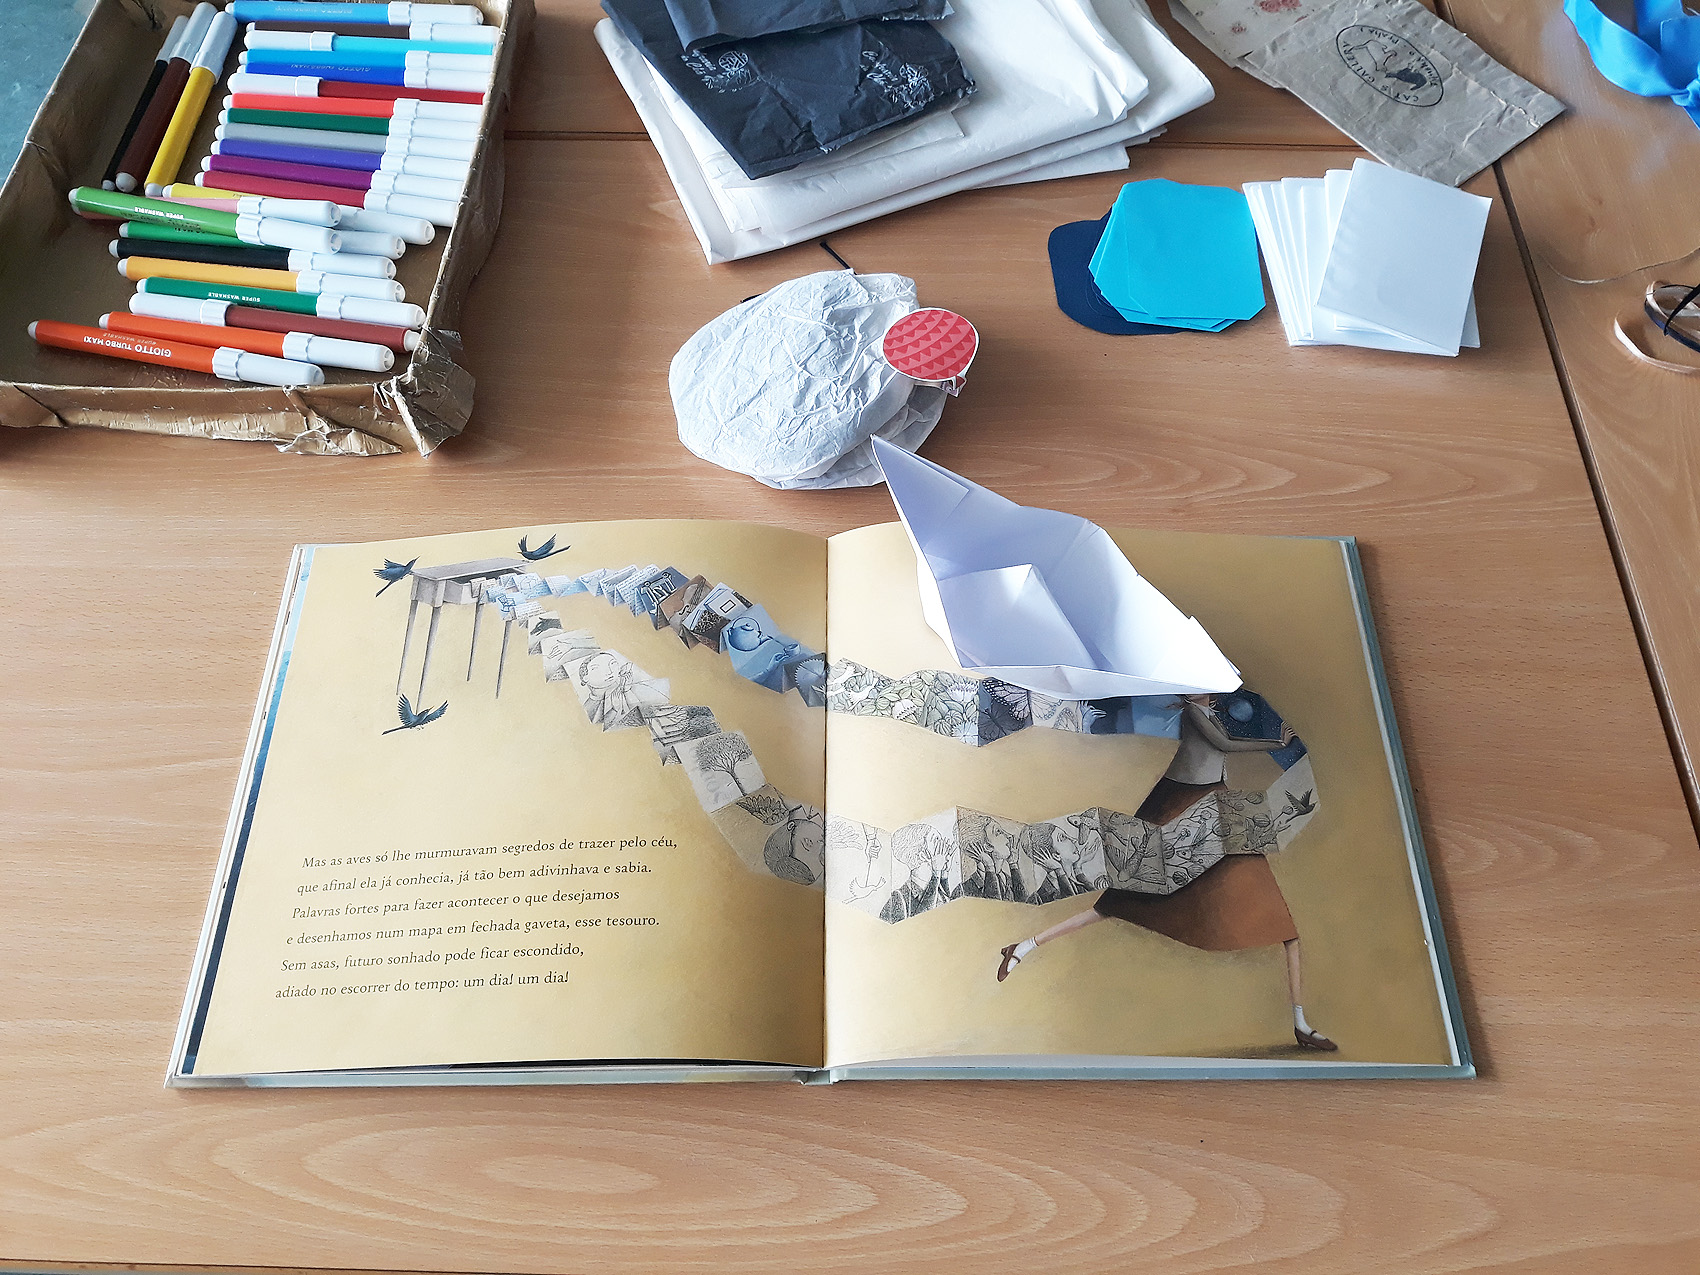 O livro aberto em cima de uma secretária com materiais de trabalho como papel de cartolinas, canetas, barco origami, um livro nuvem.